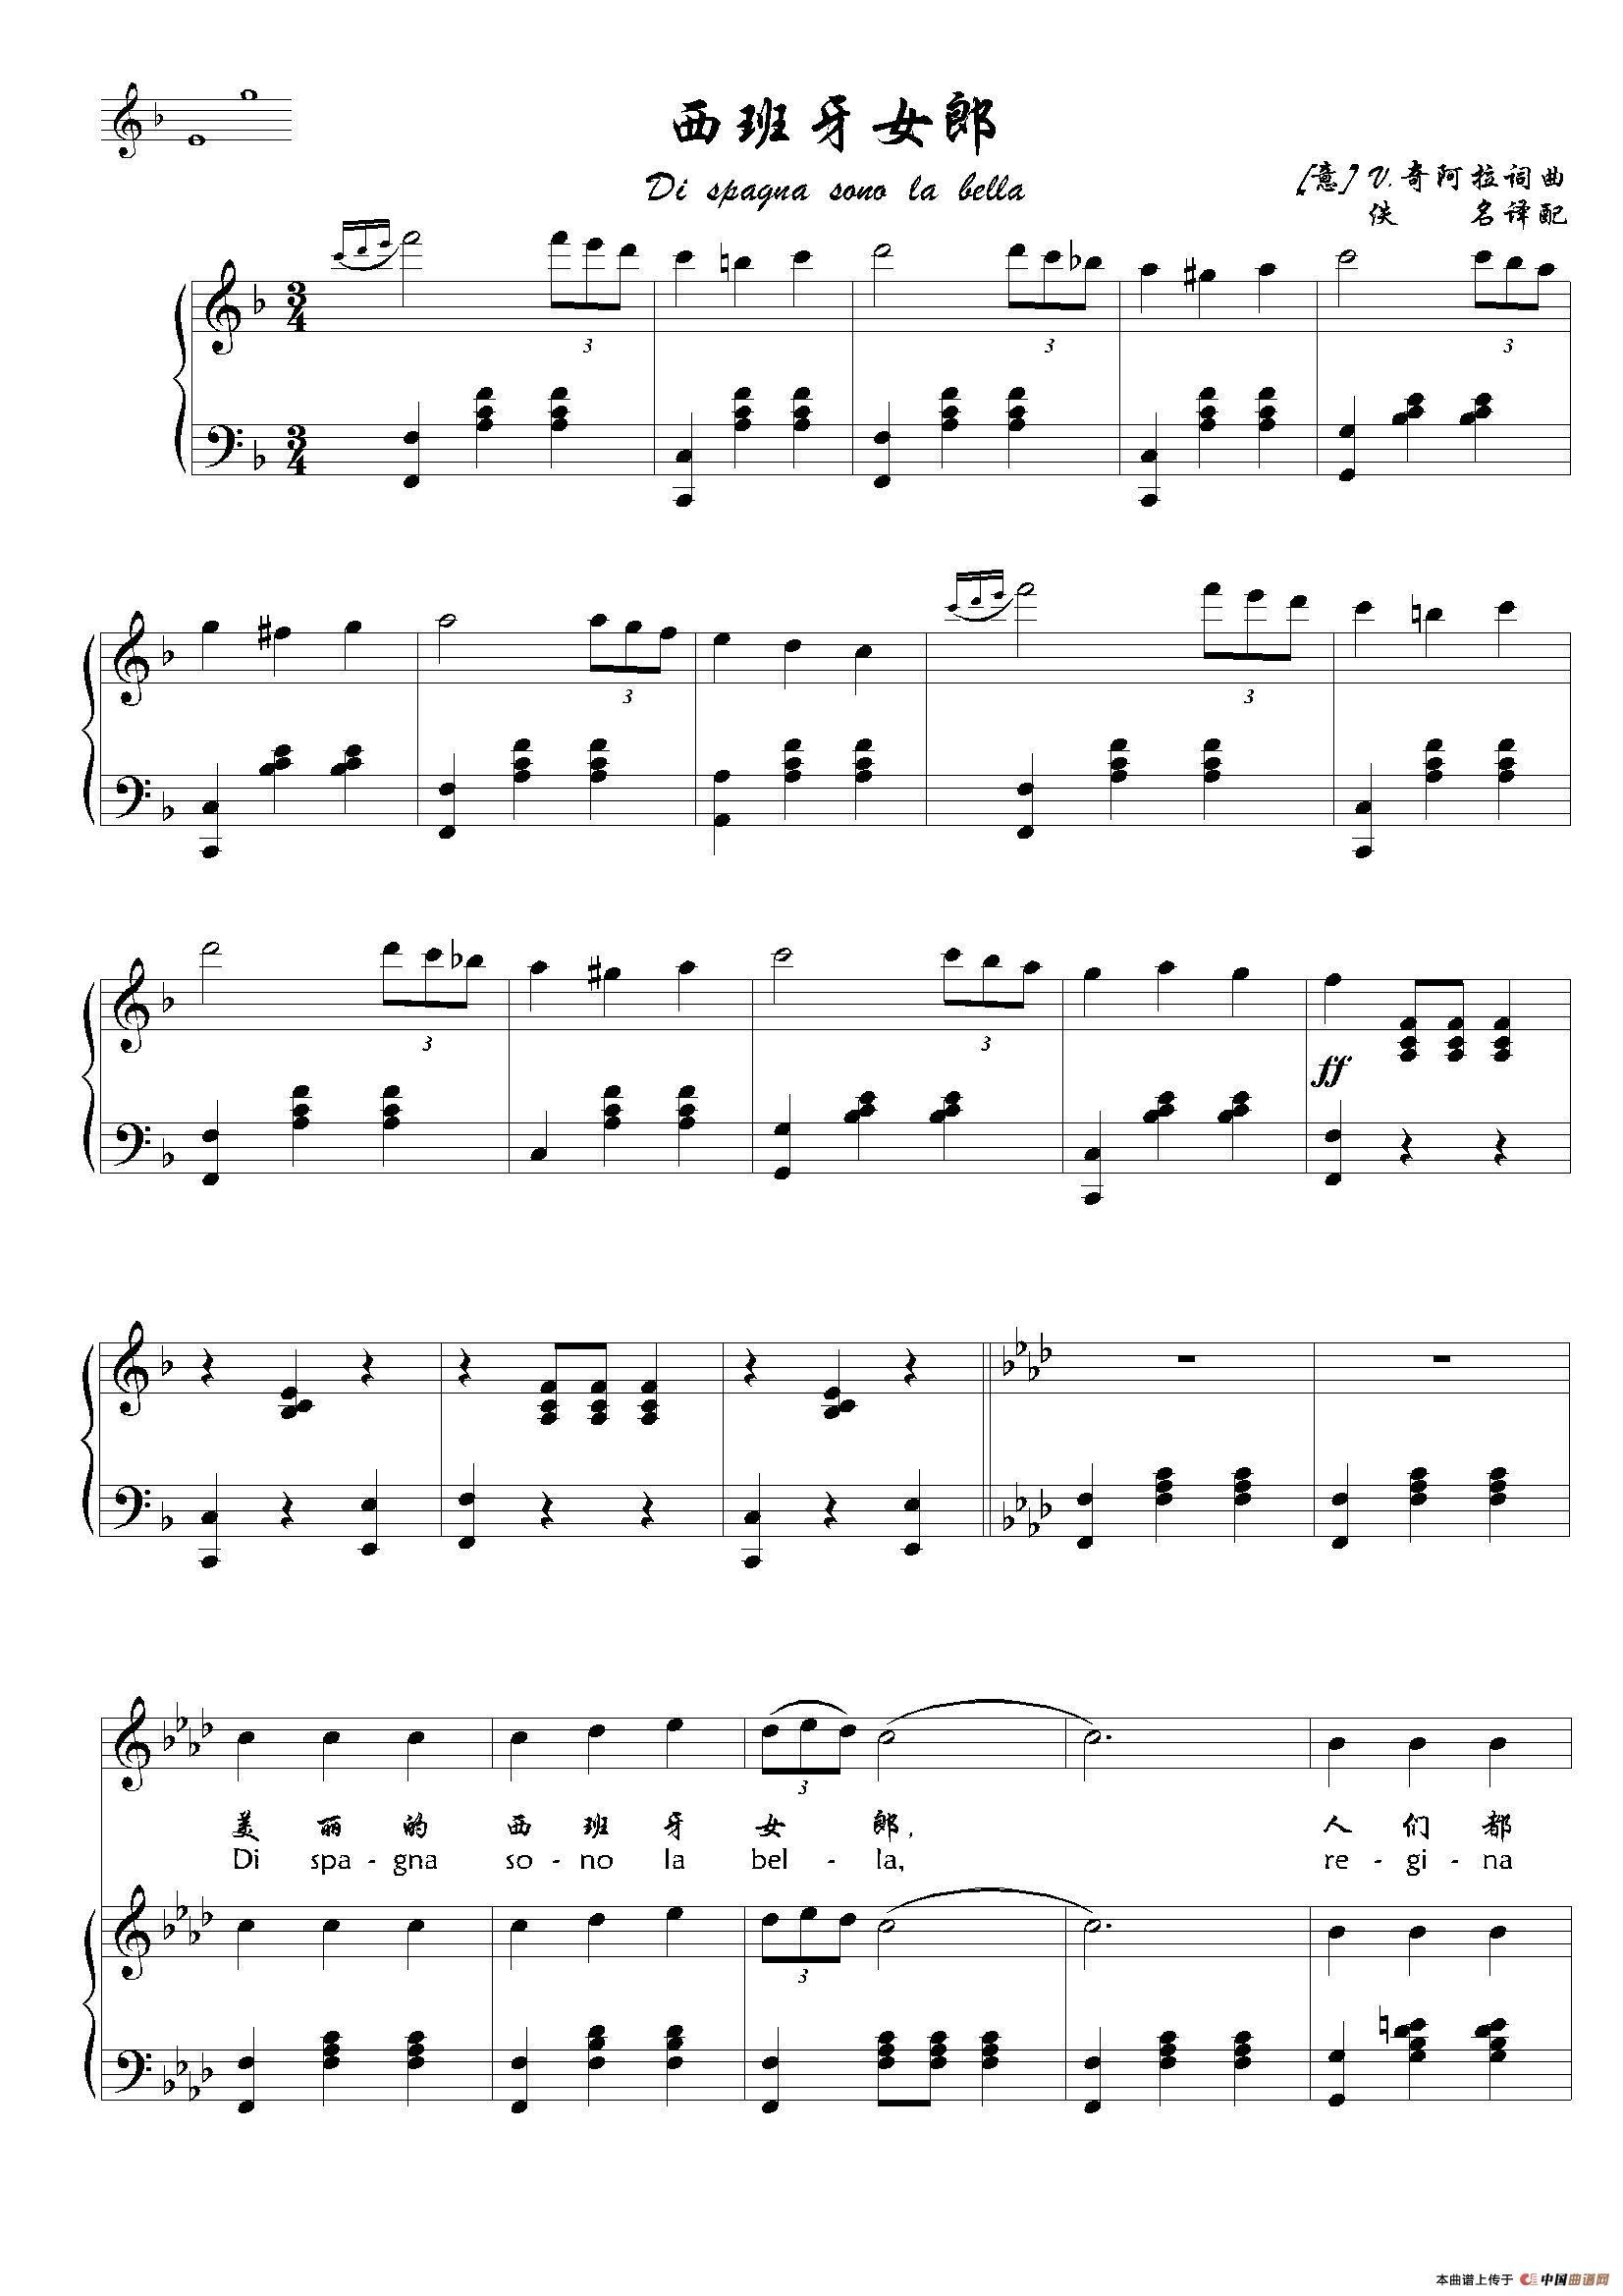 班牙女郎简谱 F调正谱 添翼音乐个人制谱园地 中国曲谱网